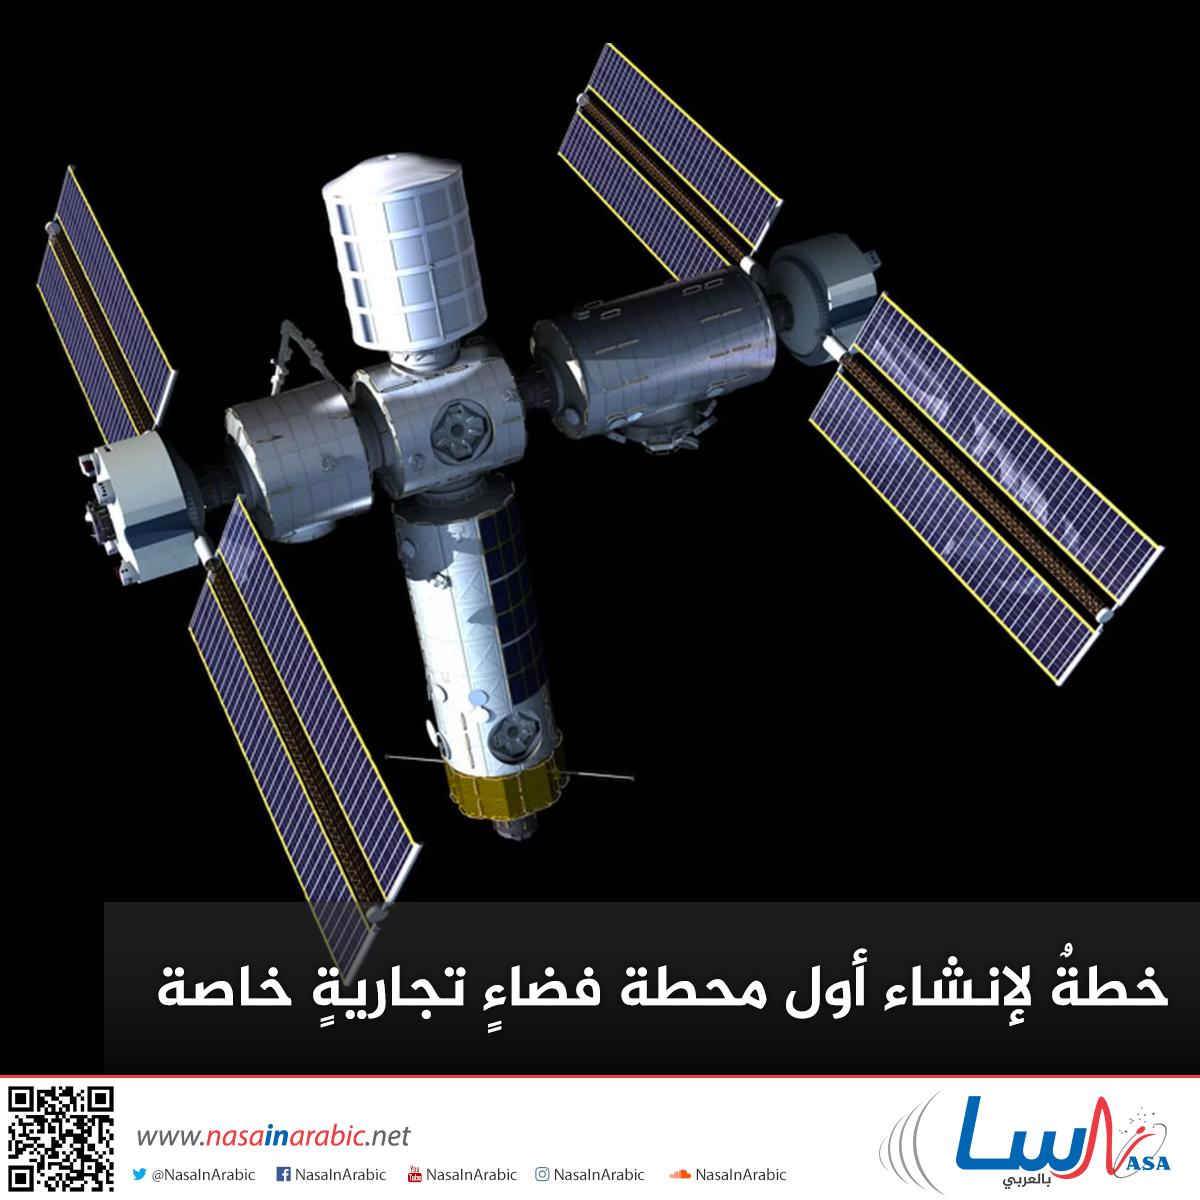 خطةٌ لإنشاء أول محطة فضاءٍ تجاريةٍ خاصة